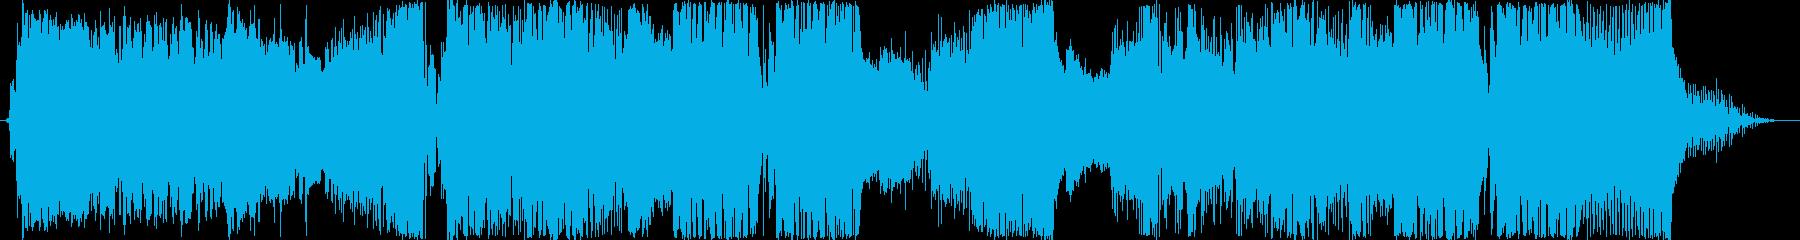 エモーショナルなメロディックダブステップの再生済みの波形